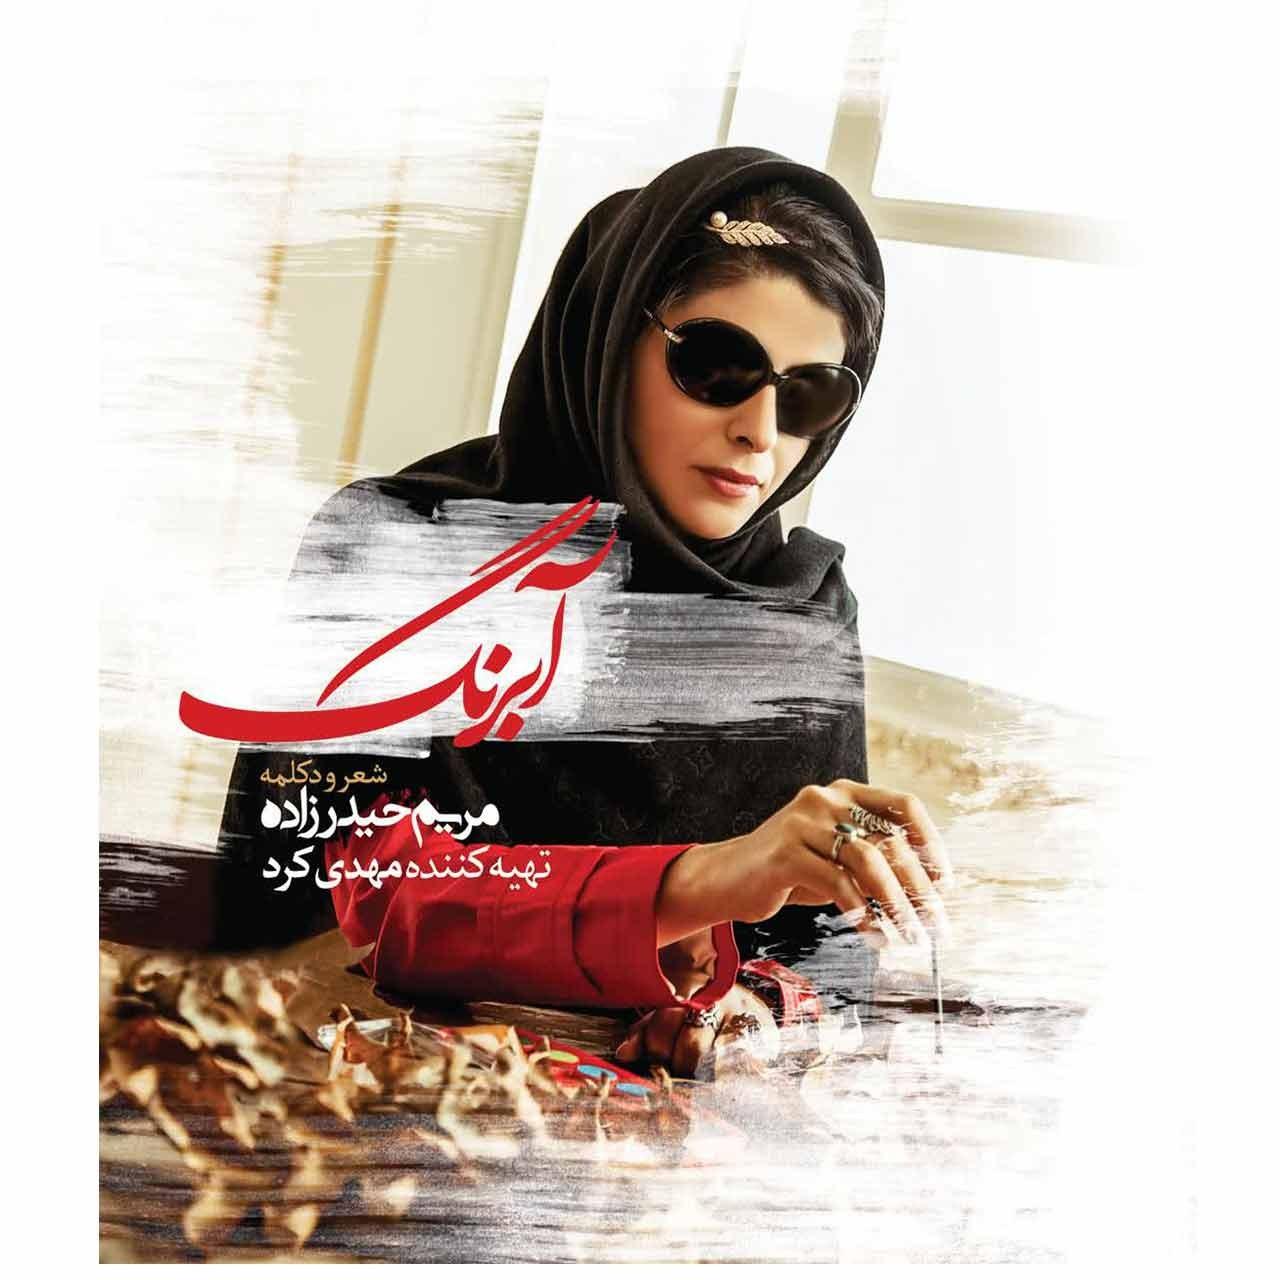 آلبوم موسیقی آبرنگ اثر مریم حیدرزاده